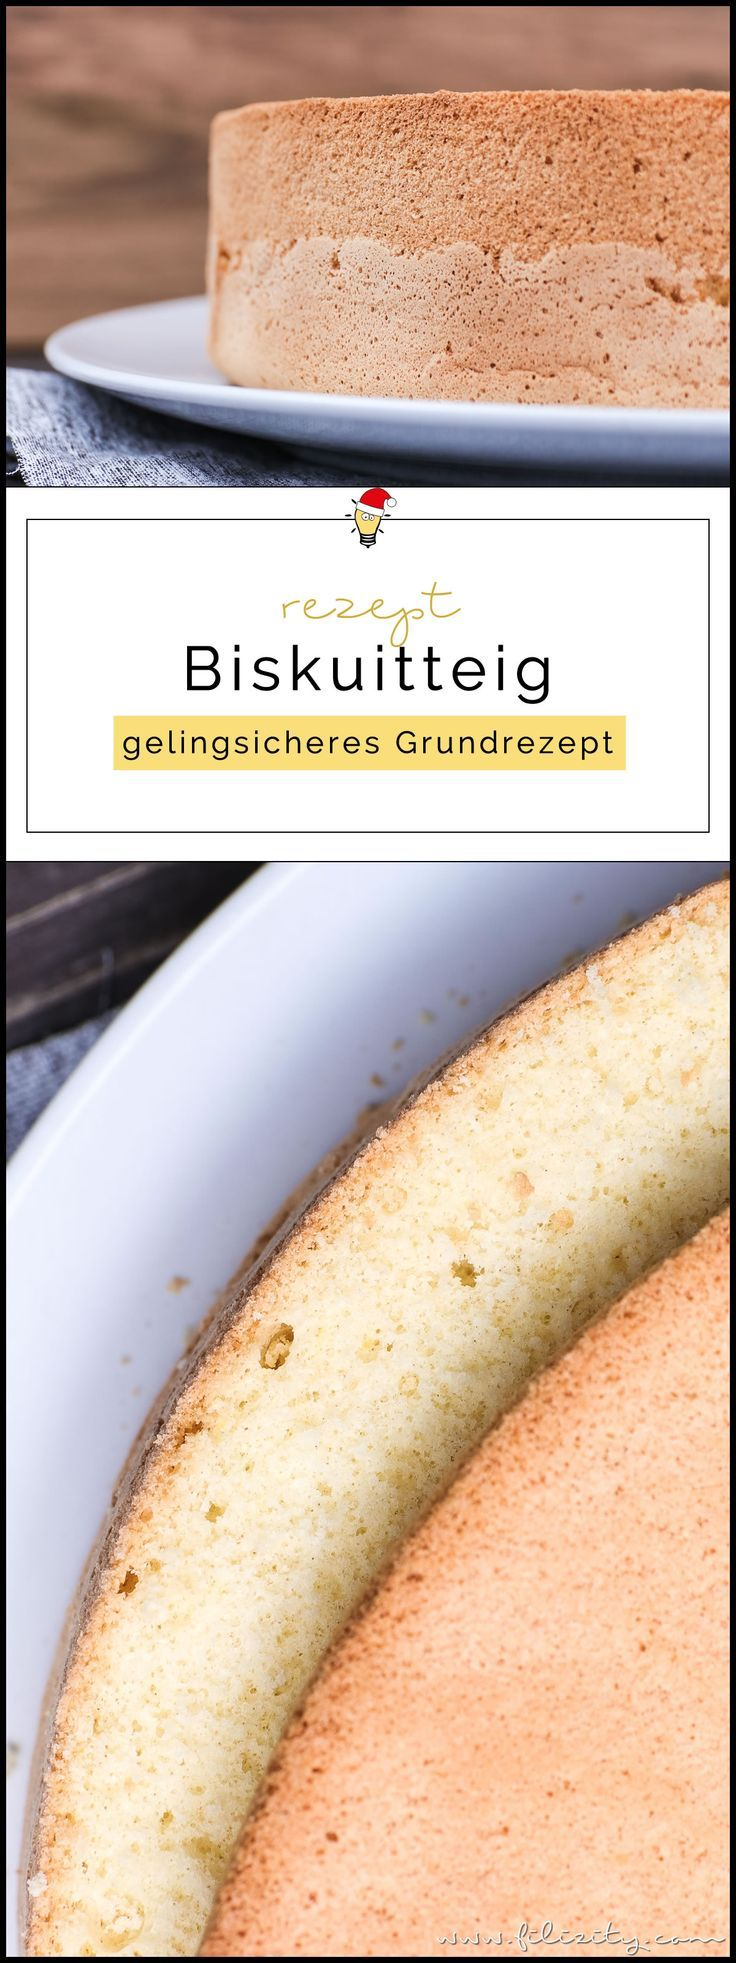 Gelingsicheres Biskuitteig Rezept für Torten & Desserts   Filizity.com   Food-B…